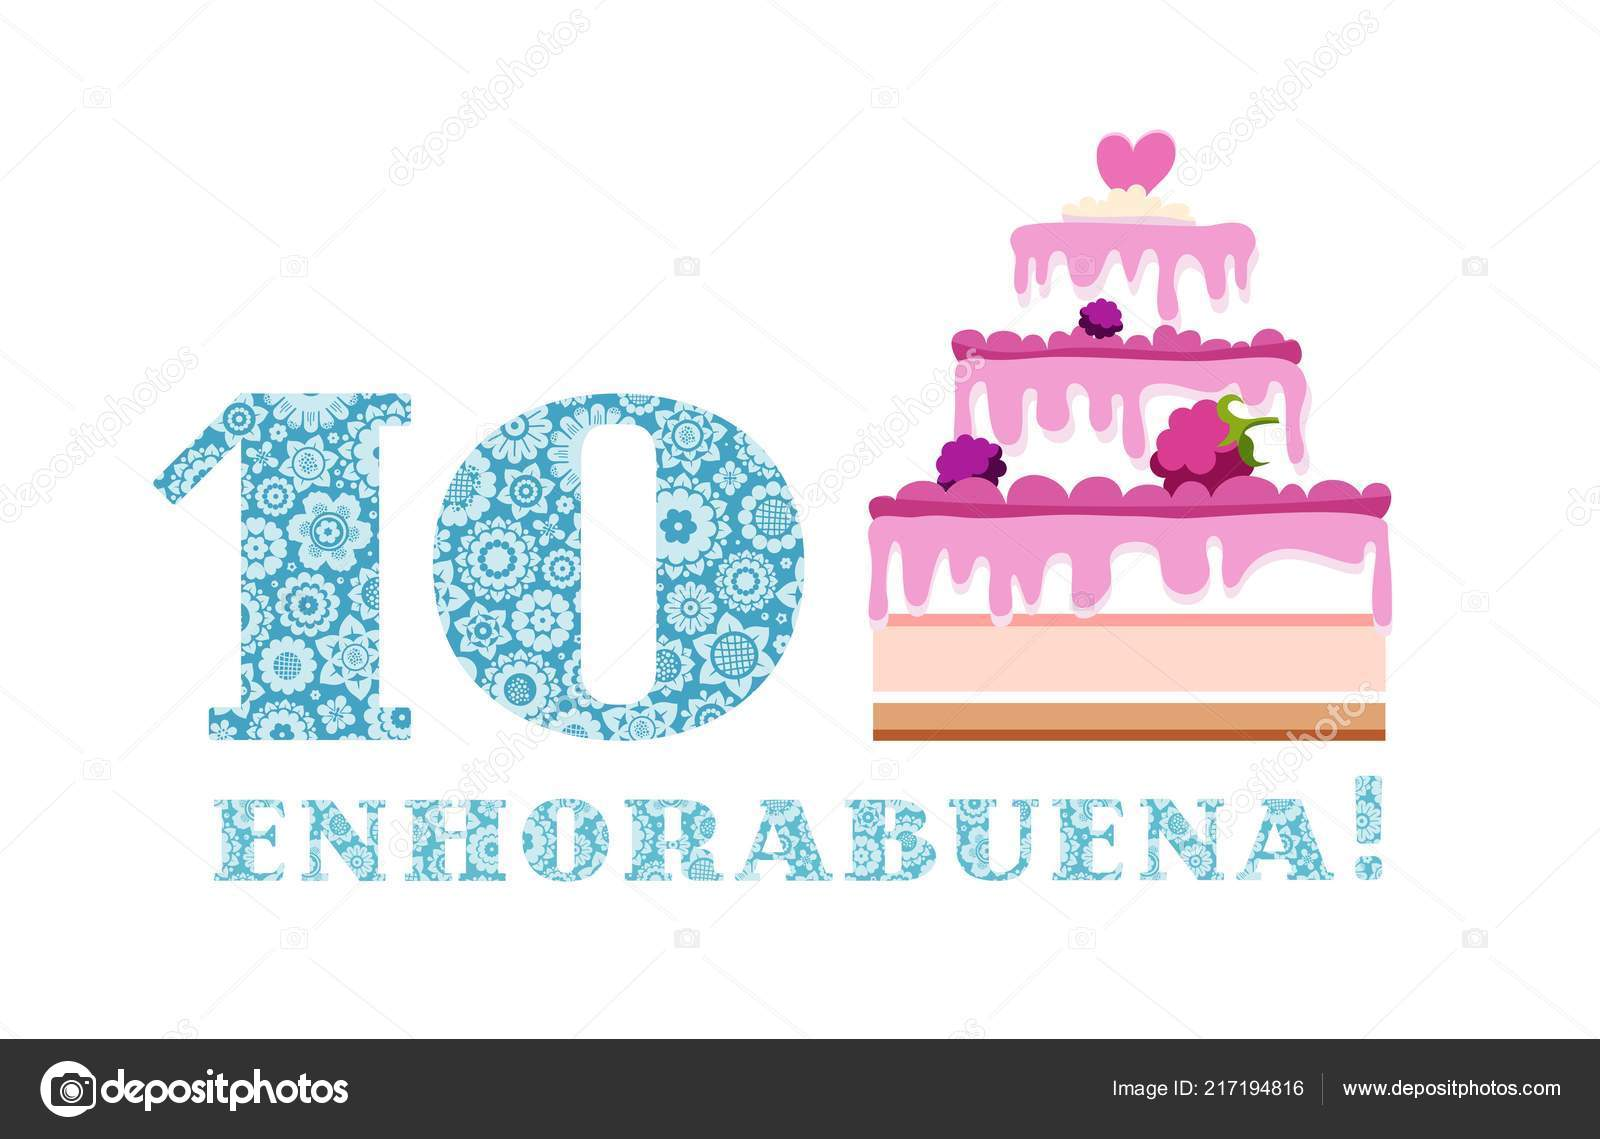 Geburtstag Grusse Beeren Jahre Kuchen Spanisch Weiss Blau Vektor Alles